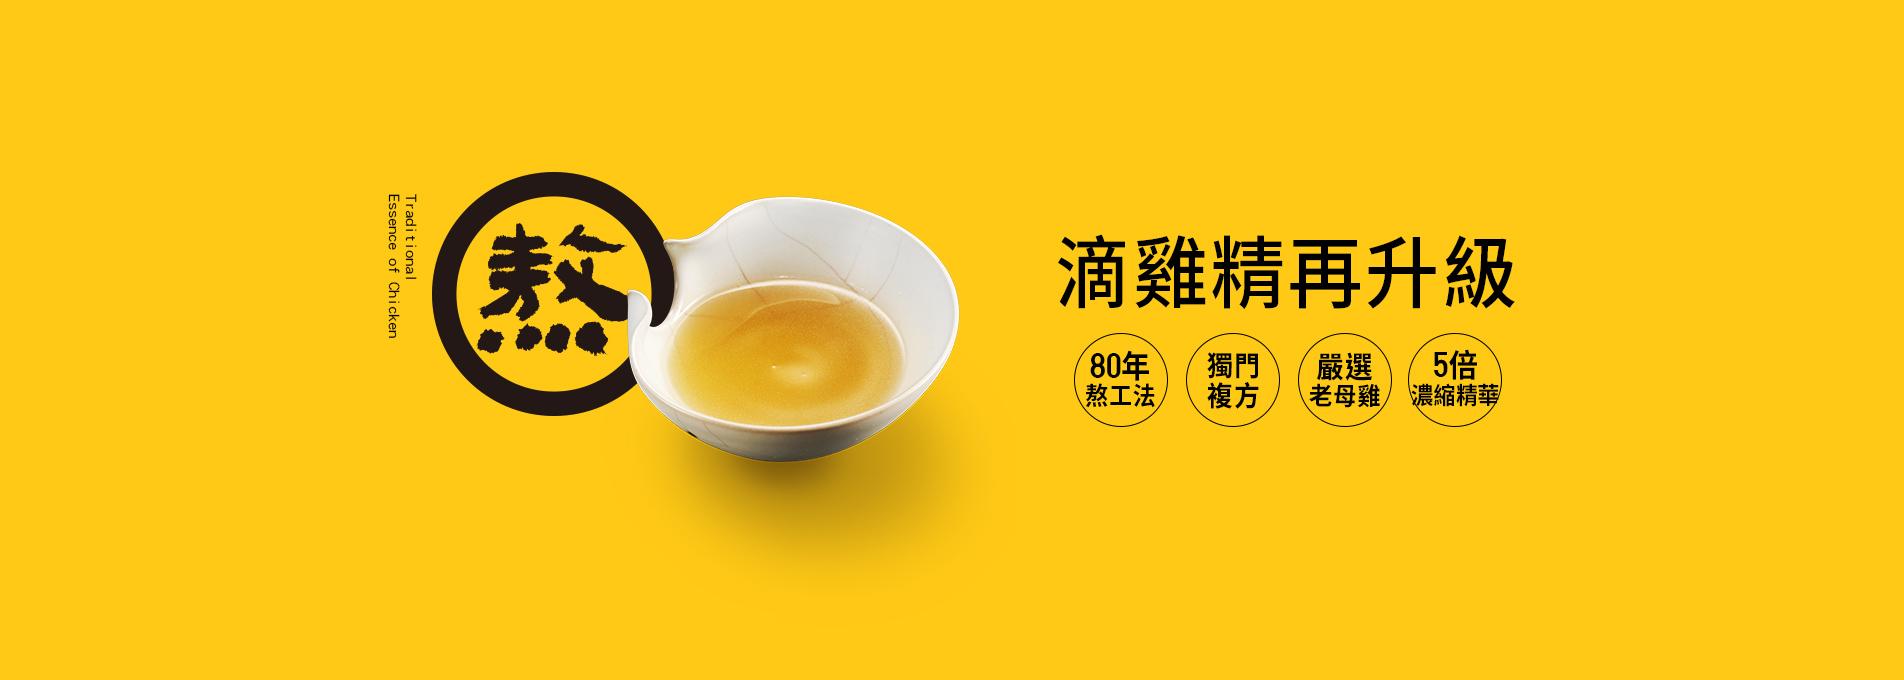 熬雞精禮盒(常溫/7入)